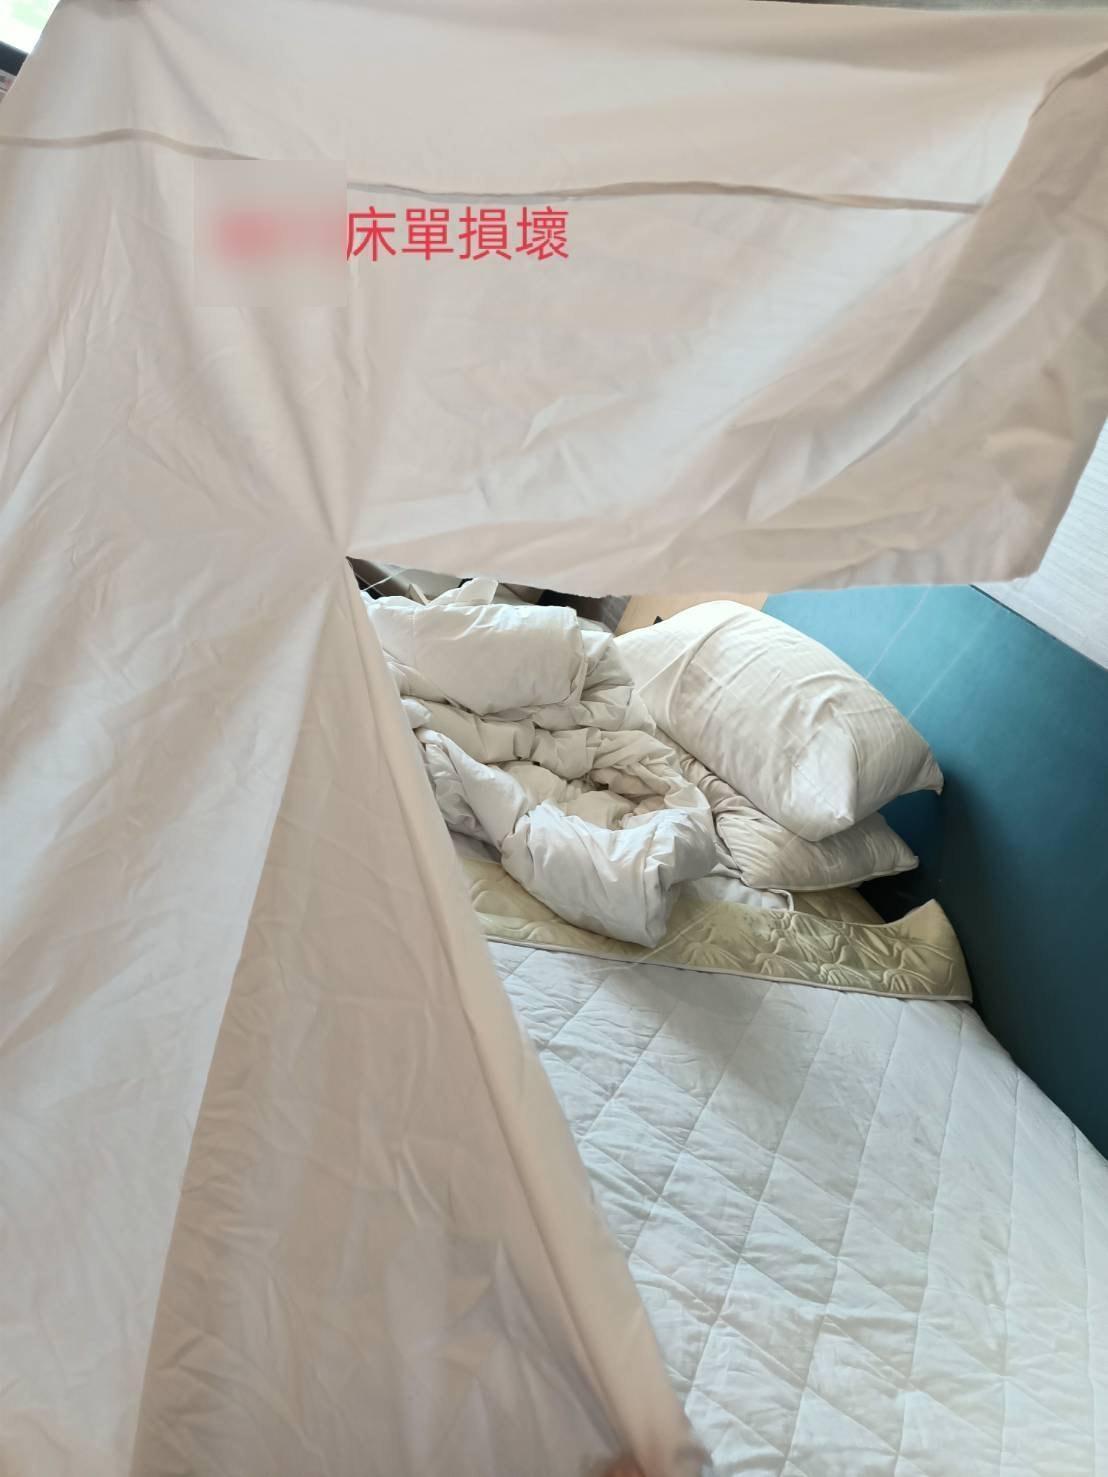 詐騙集團將防疫旅館弄得像垃圾場,還將床單撕毀把成繩子,垂釣到地面偷渡香菸。